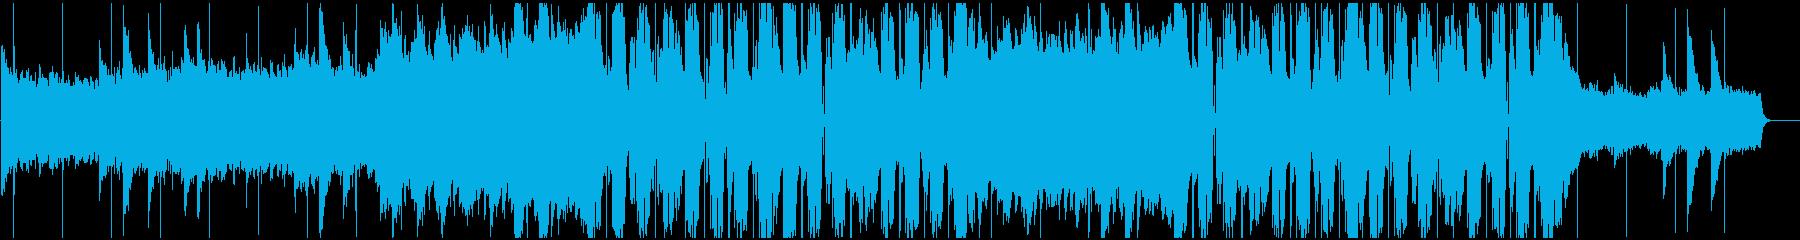 ドラマティックなフューチャーポップBGMの再生済みの波形